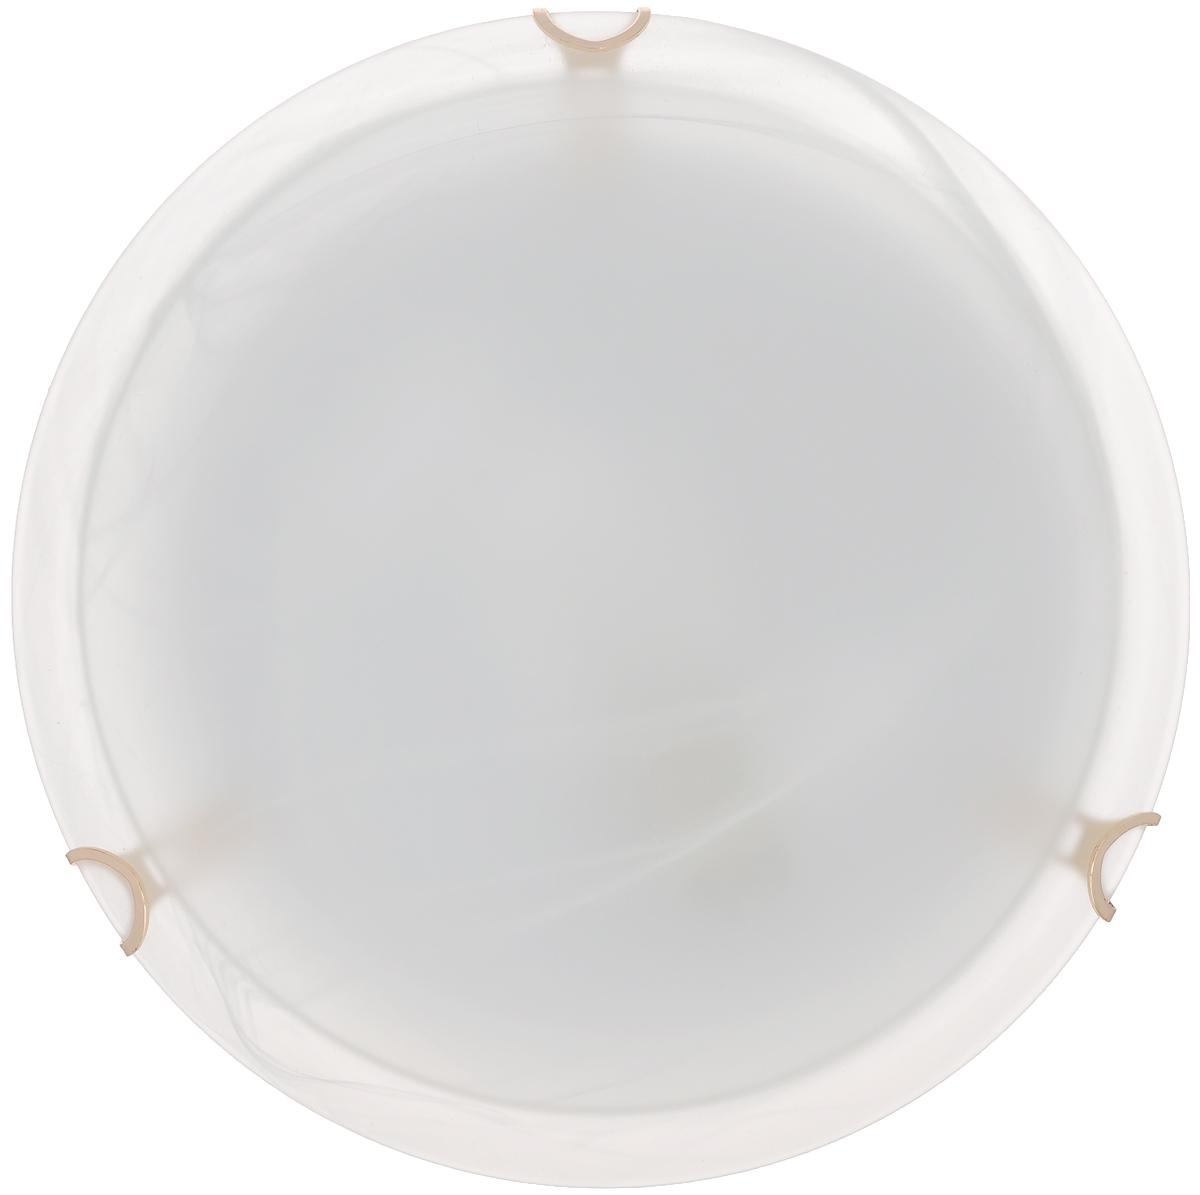 Светильник пристраиваемый Vitaluce V6231/1A, Е27, 100 ВтV6231/1AПристраиваемый светильник Vitaluce V6231/1A - настенный светильник, предназначенный для освещения жилых помещений. Плафон выполнен из стекла. С задней стороны светильник снабжен несколькими отверстиями для подвешивания к стене.